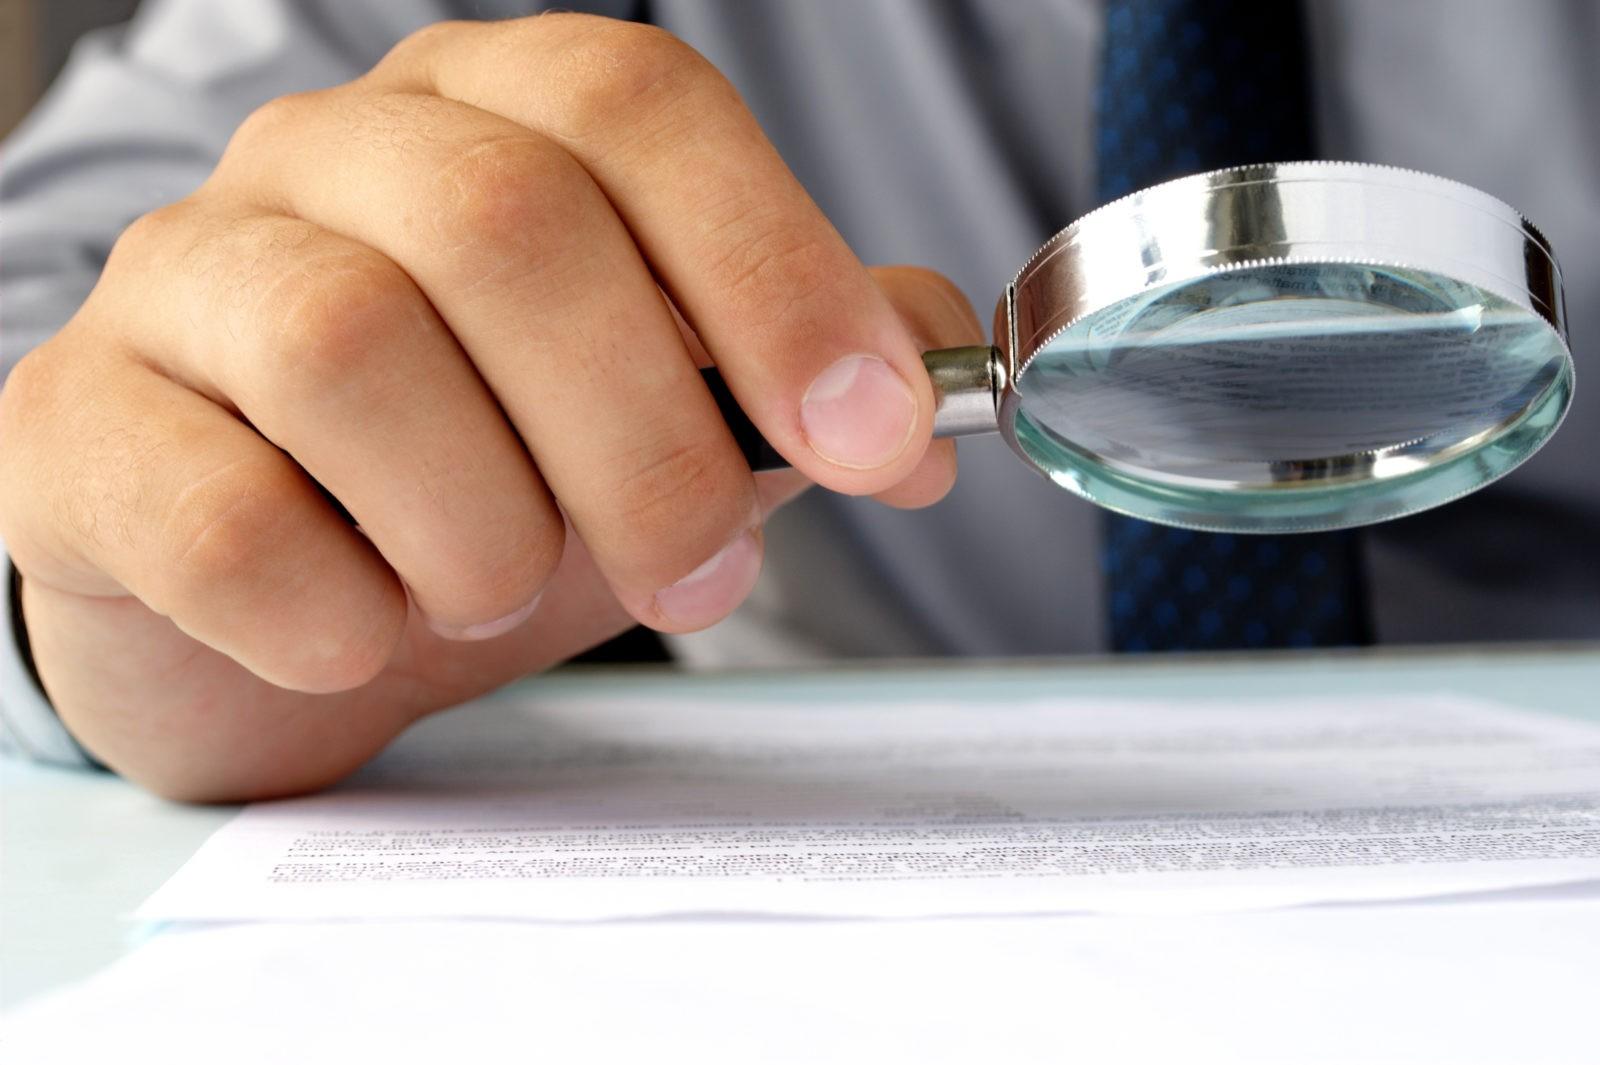 У жительницы Тверской области «увели» пенсионные накопления по поддельным документам